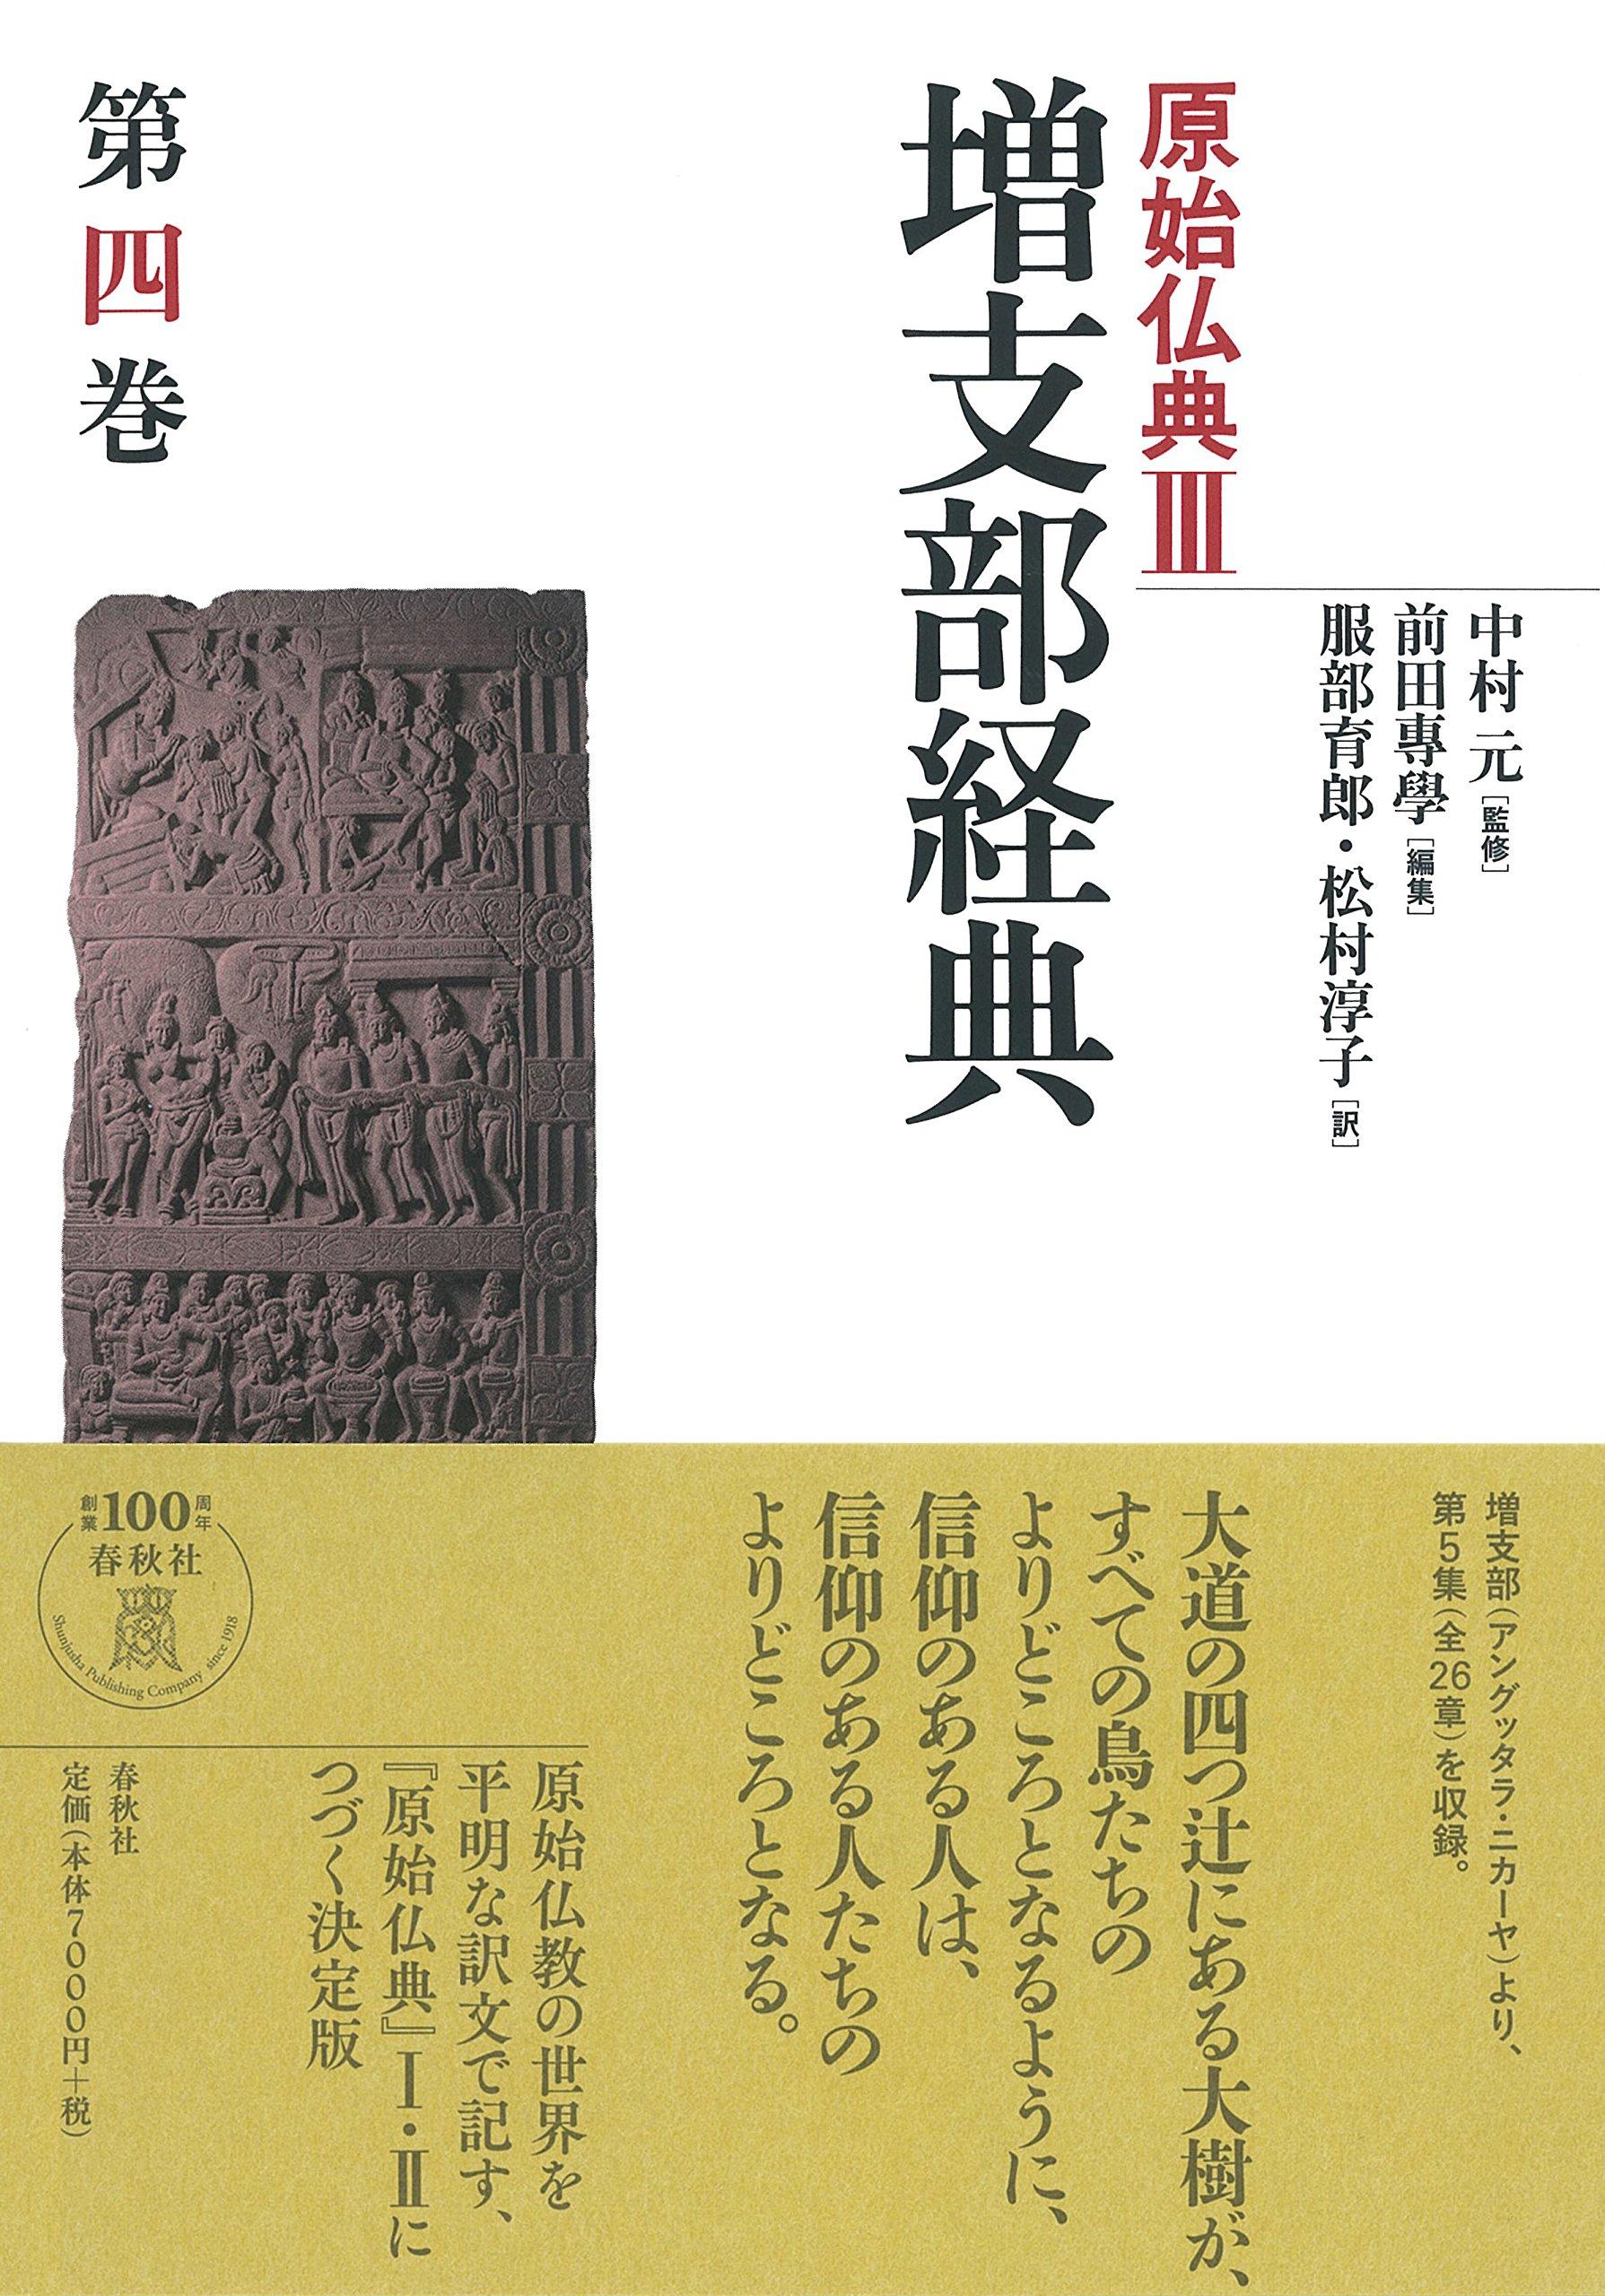 増支部経典 第四巻 (原始仏典III...